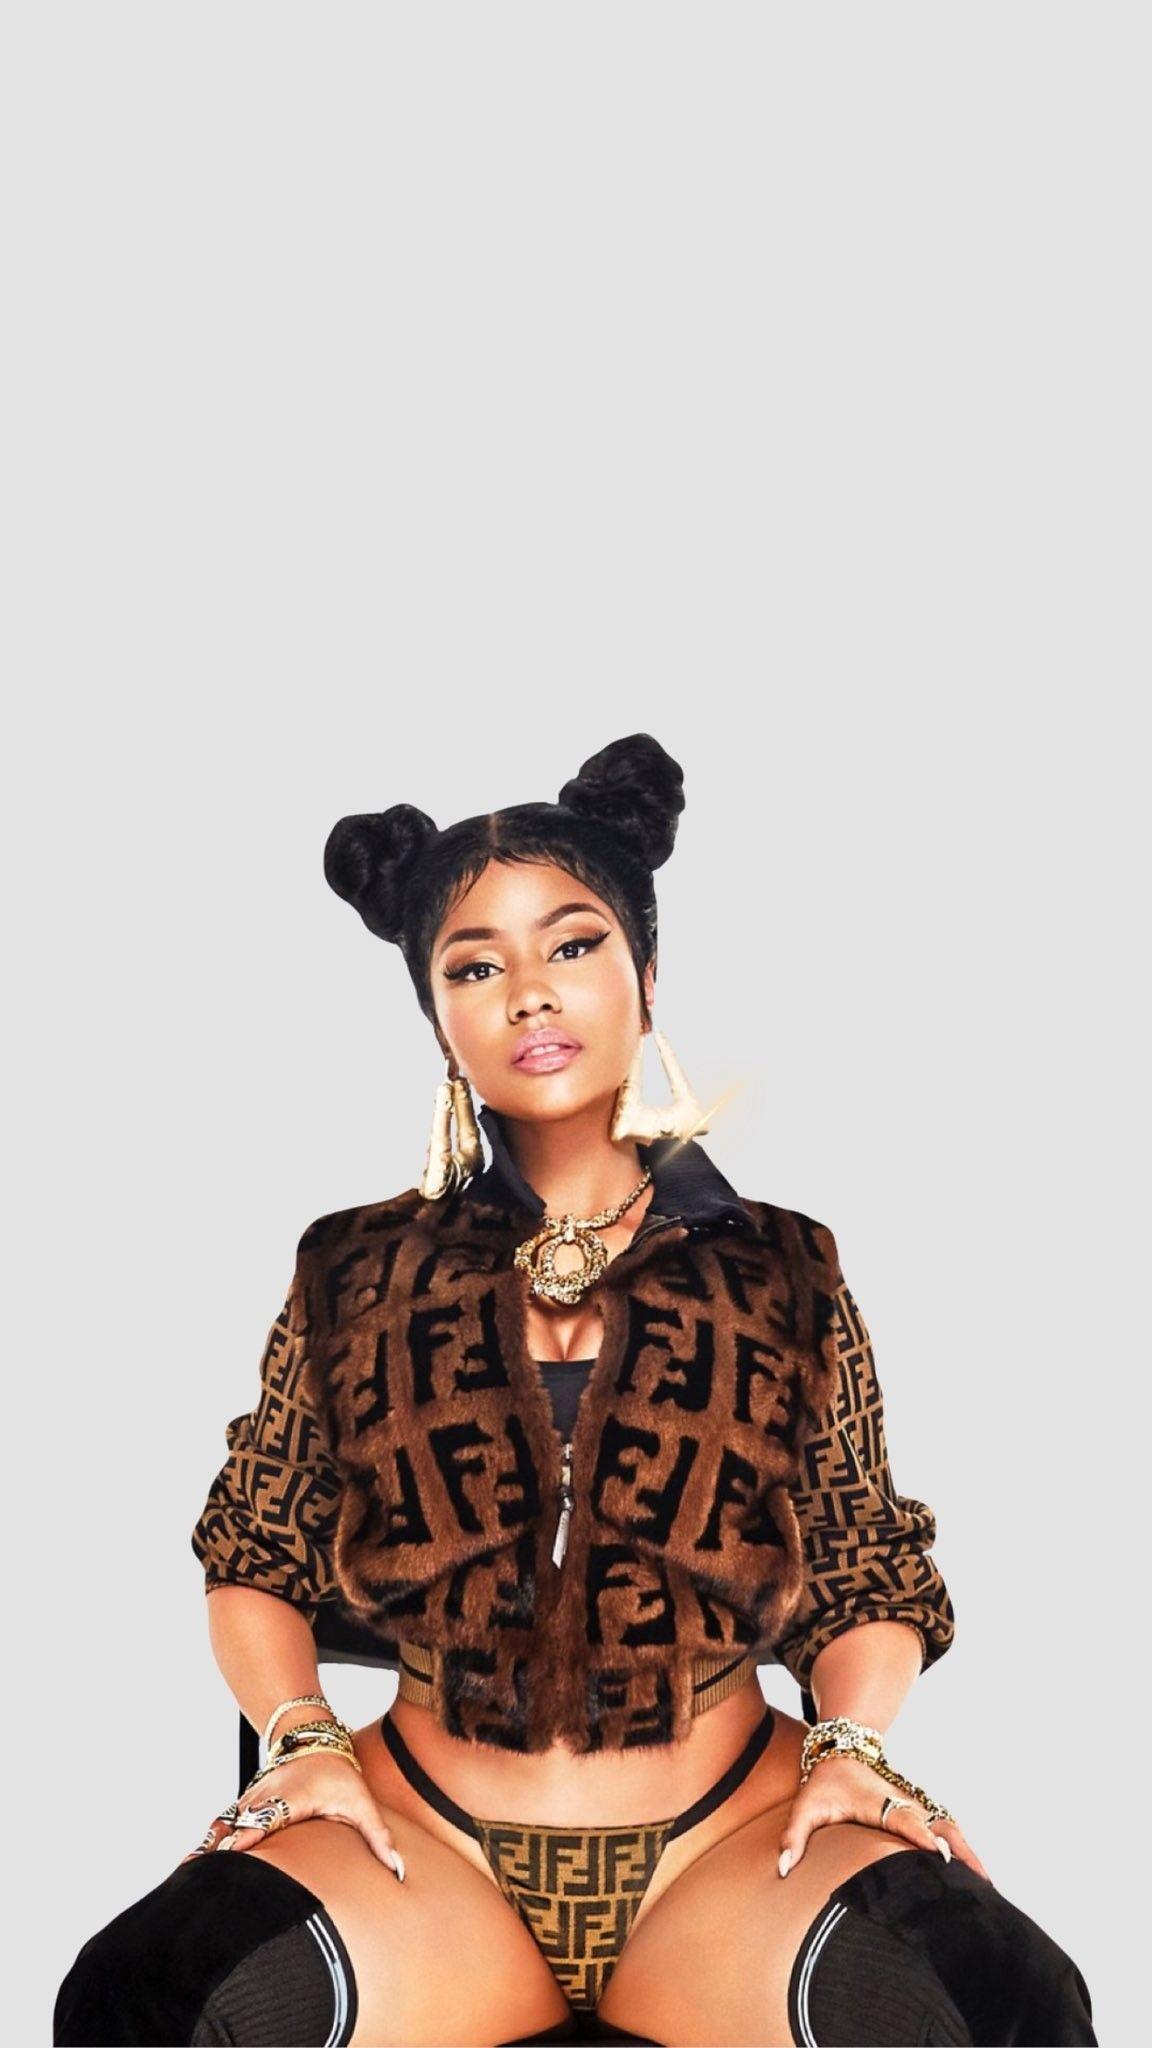 Nicki Minaj Hd Iphone Wallpapers Wallpaper Cave